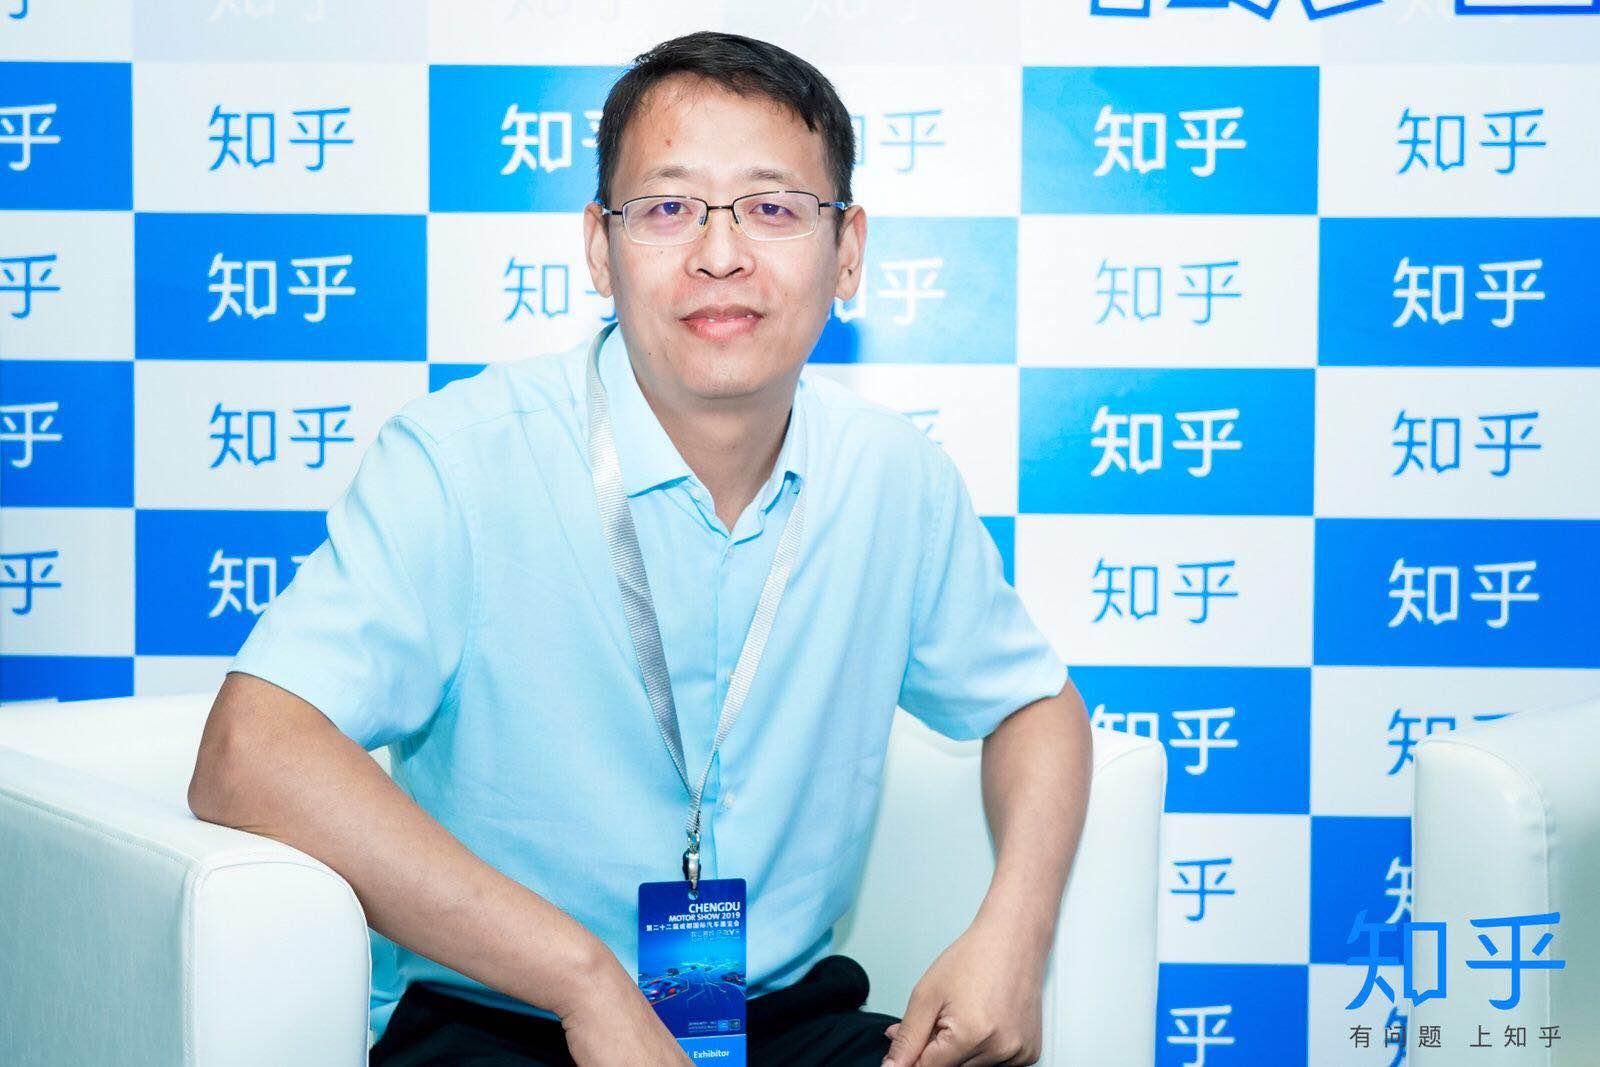 上汽乘用车公司产品规划部总监刘景安